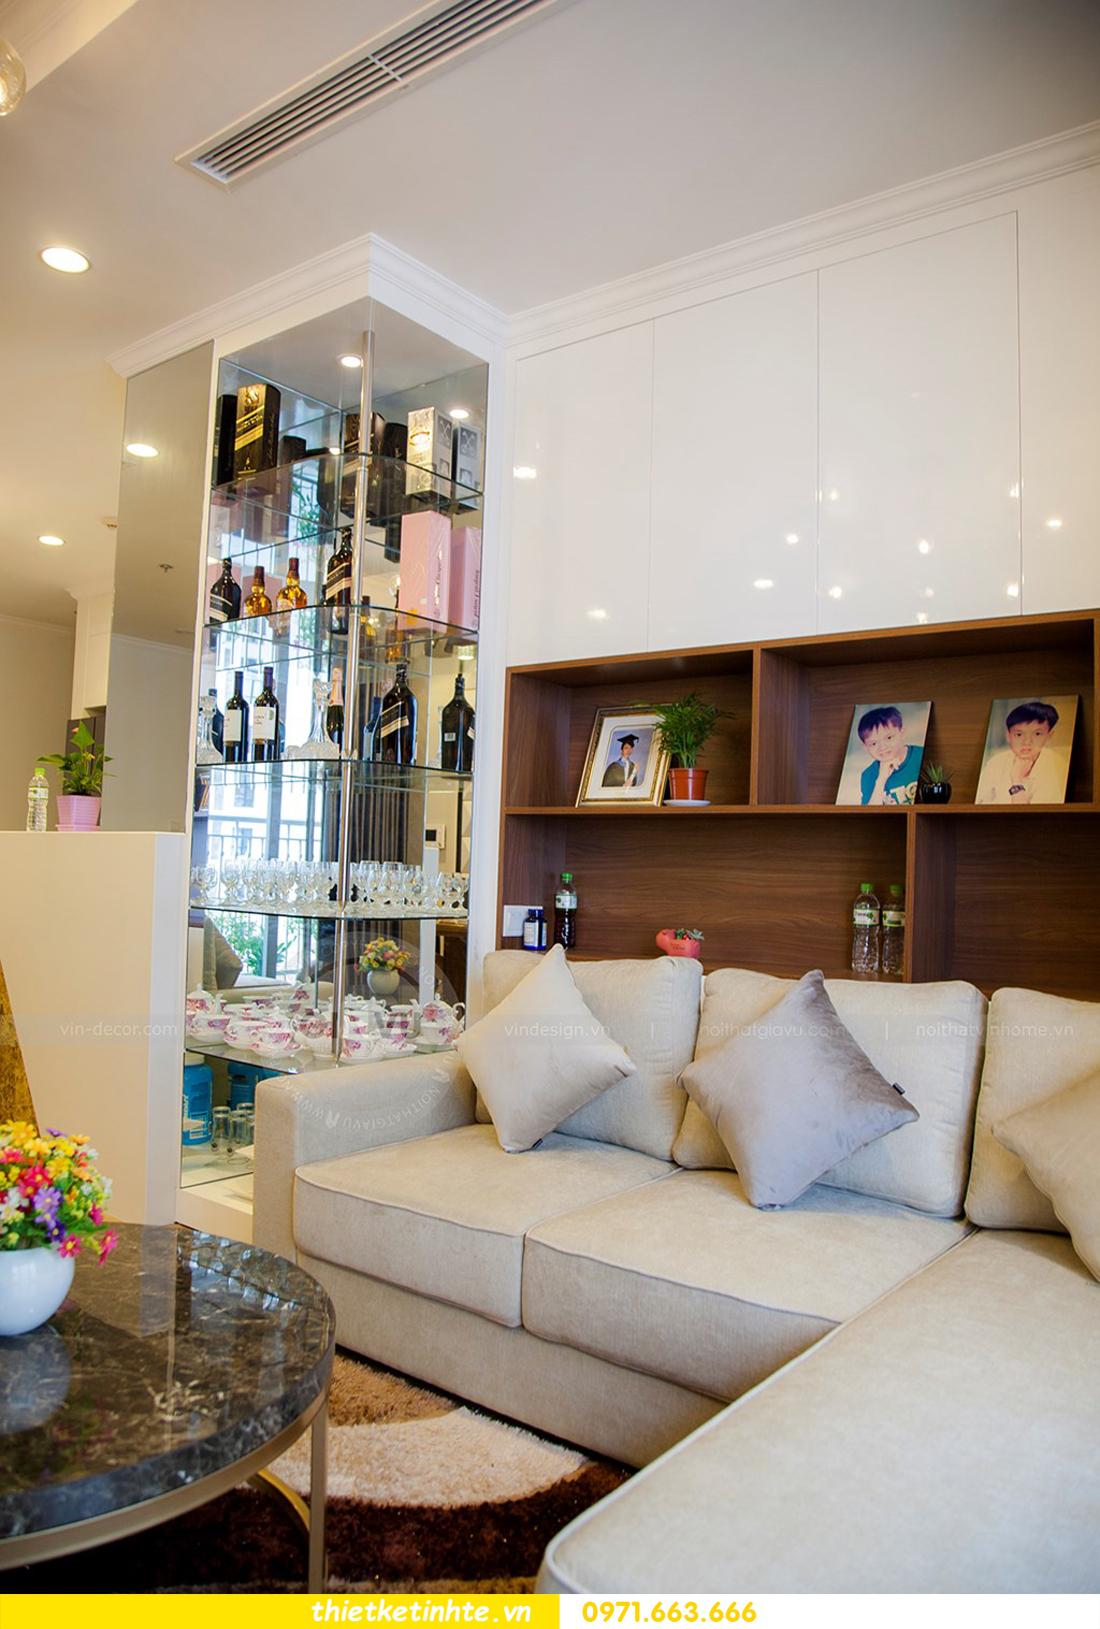 thiết kế hoàn thiện nội thất chung cư Park Hill 2 căn hộ 16 anh Thắng 08